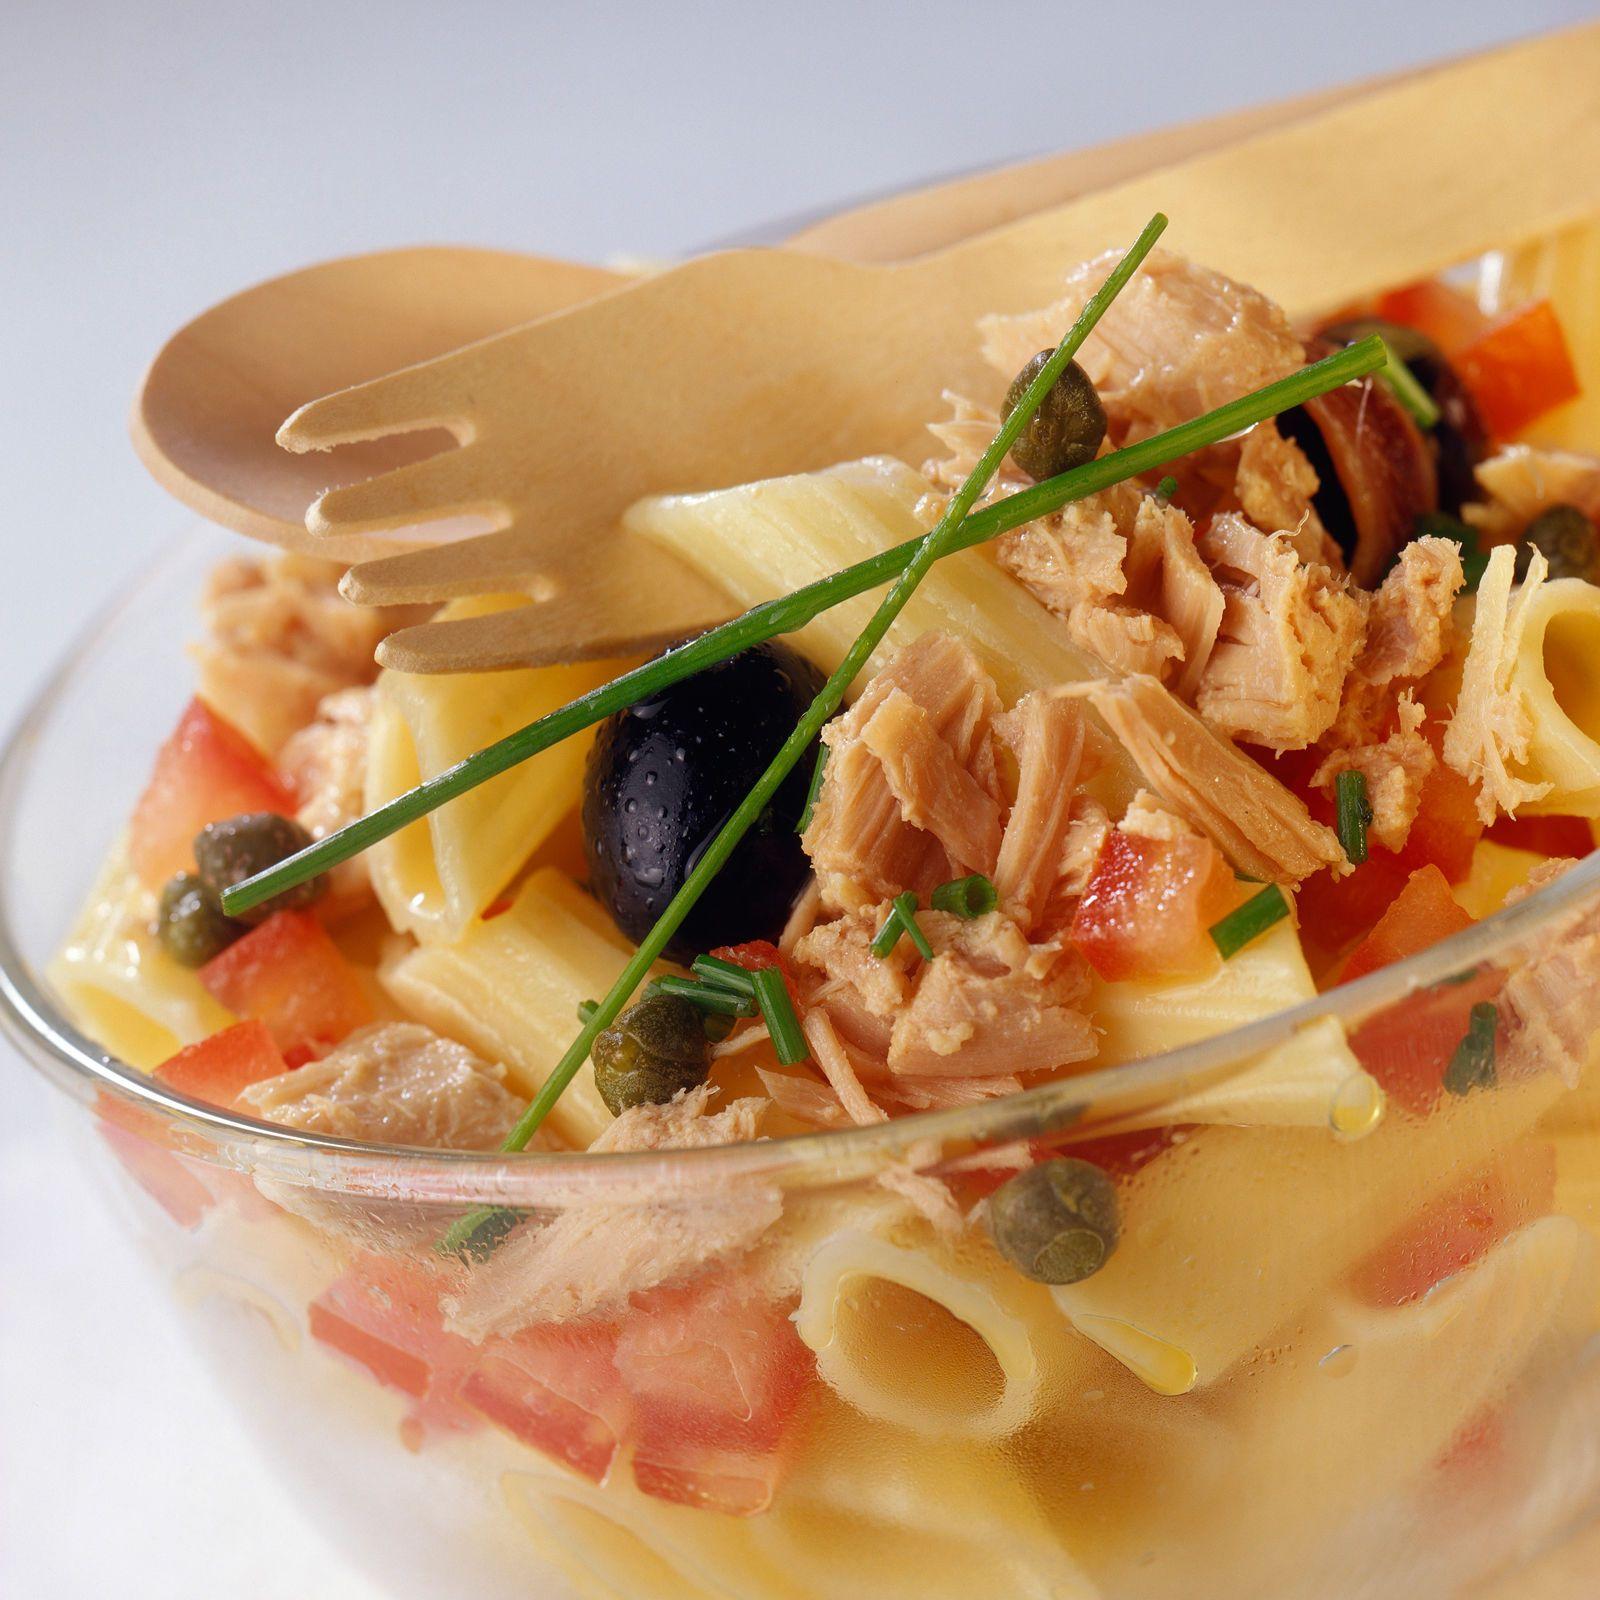 Découvrez la recette Salade de pâtes à la mayonnaise sur cuisineactuelle.fr.